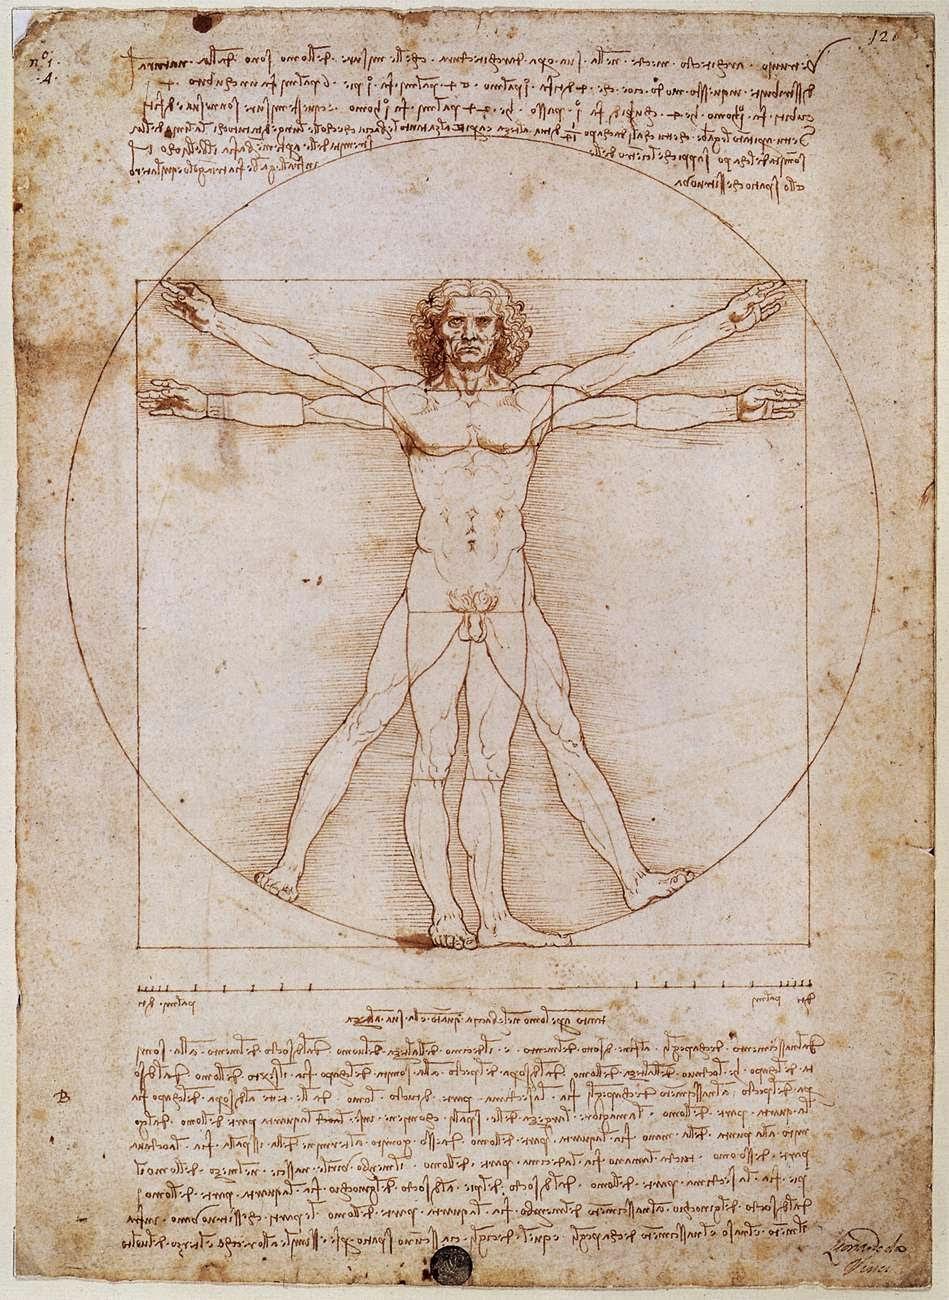 Fisioterapia: Hombre de Virtuvio y la Historia de la Antropometría.